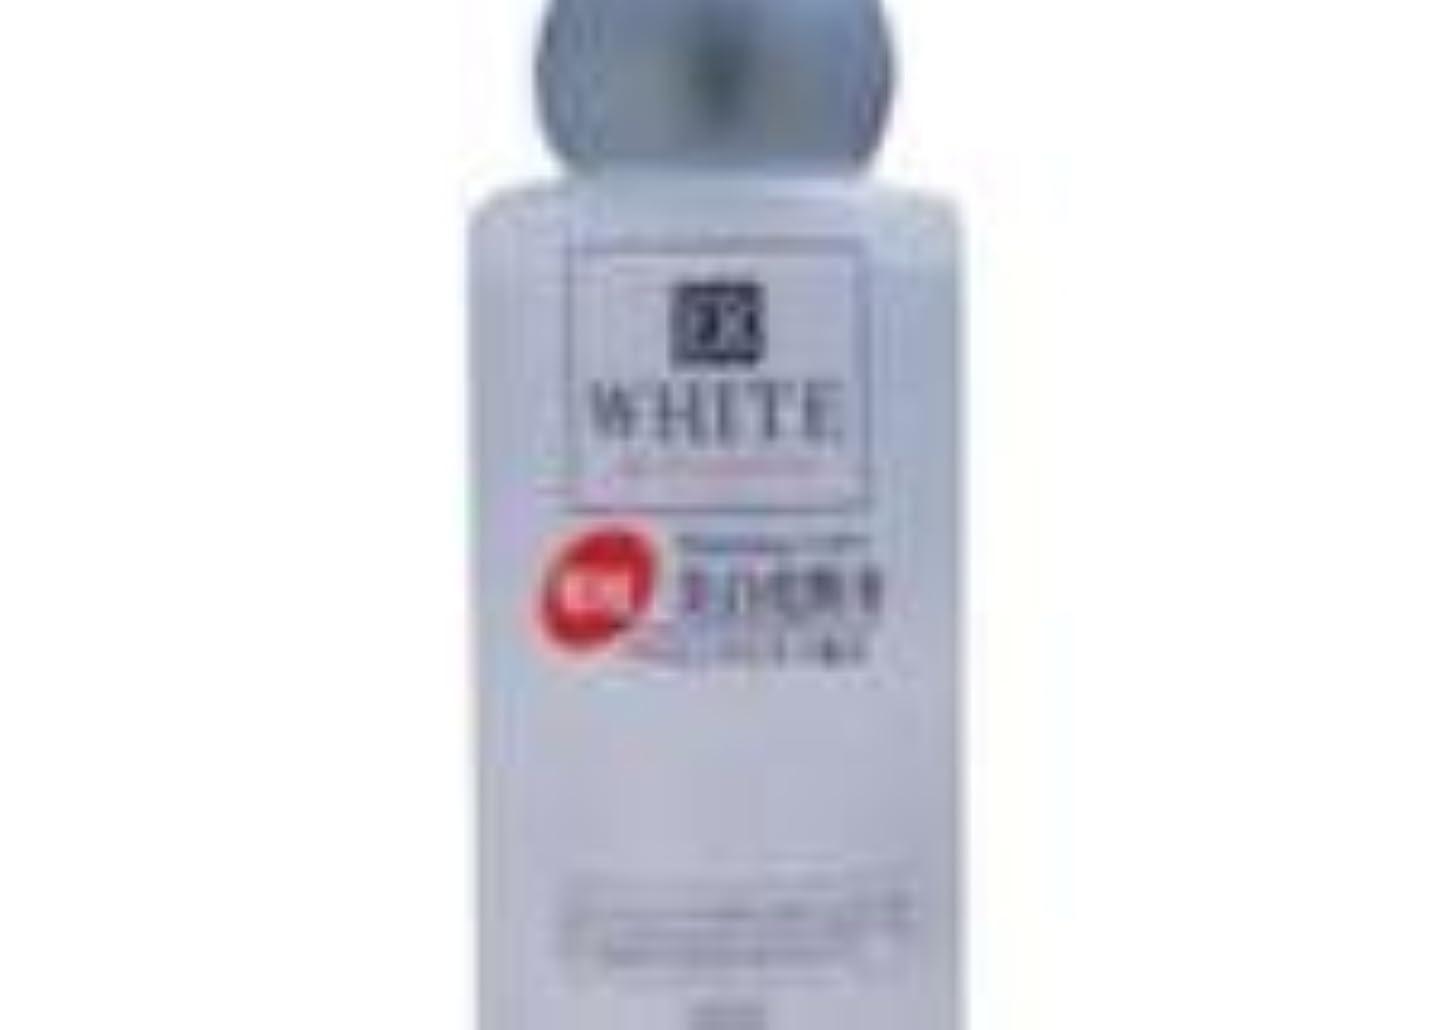 確認してください風邪をひくのぞき穴ダイソー ER ホワイトニングローションV 薬用美白化粧水 120ml